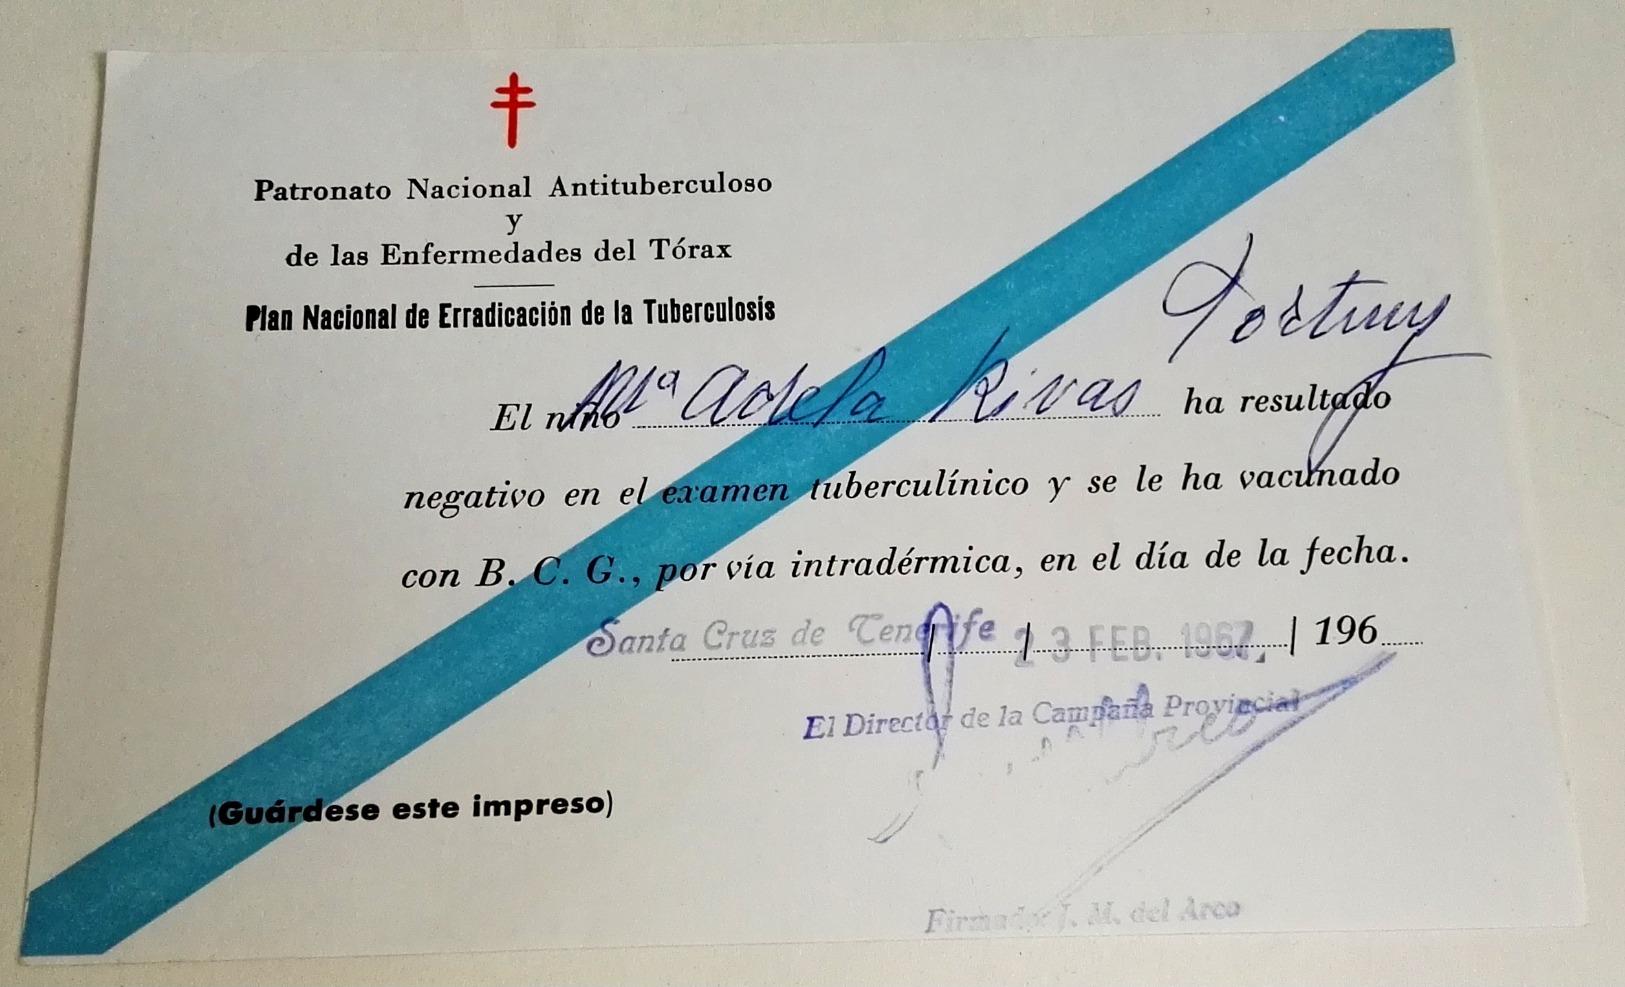 Test De Dépistage De La Tuberculose Sous Forme Négative - Plan National D'éradication De La Tuberculose, 1967 - Documentos Históricos